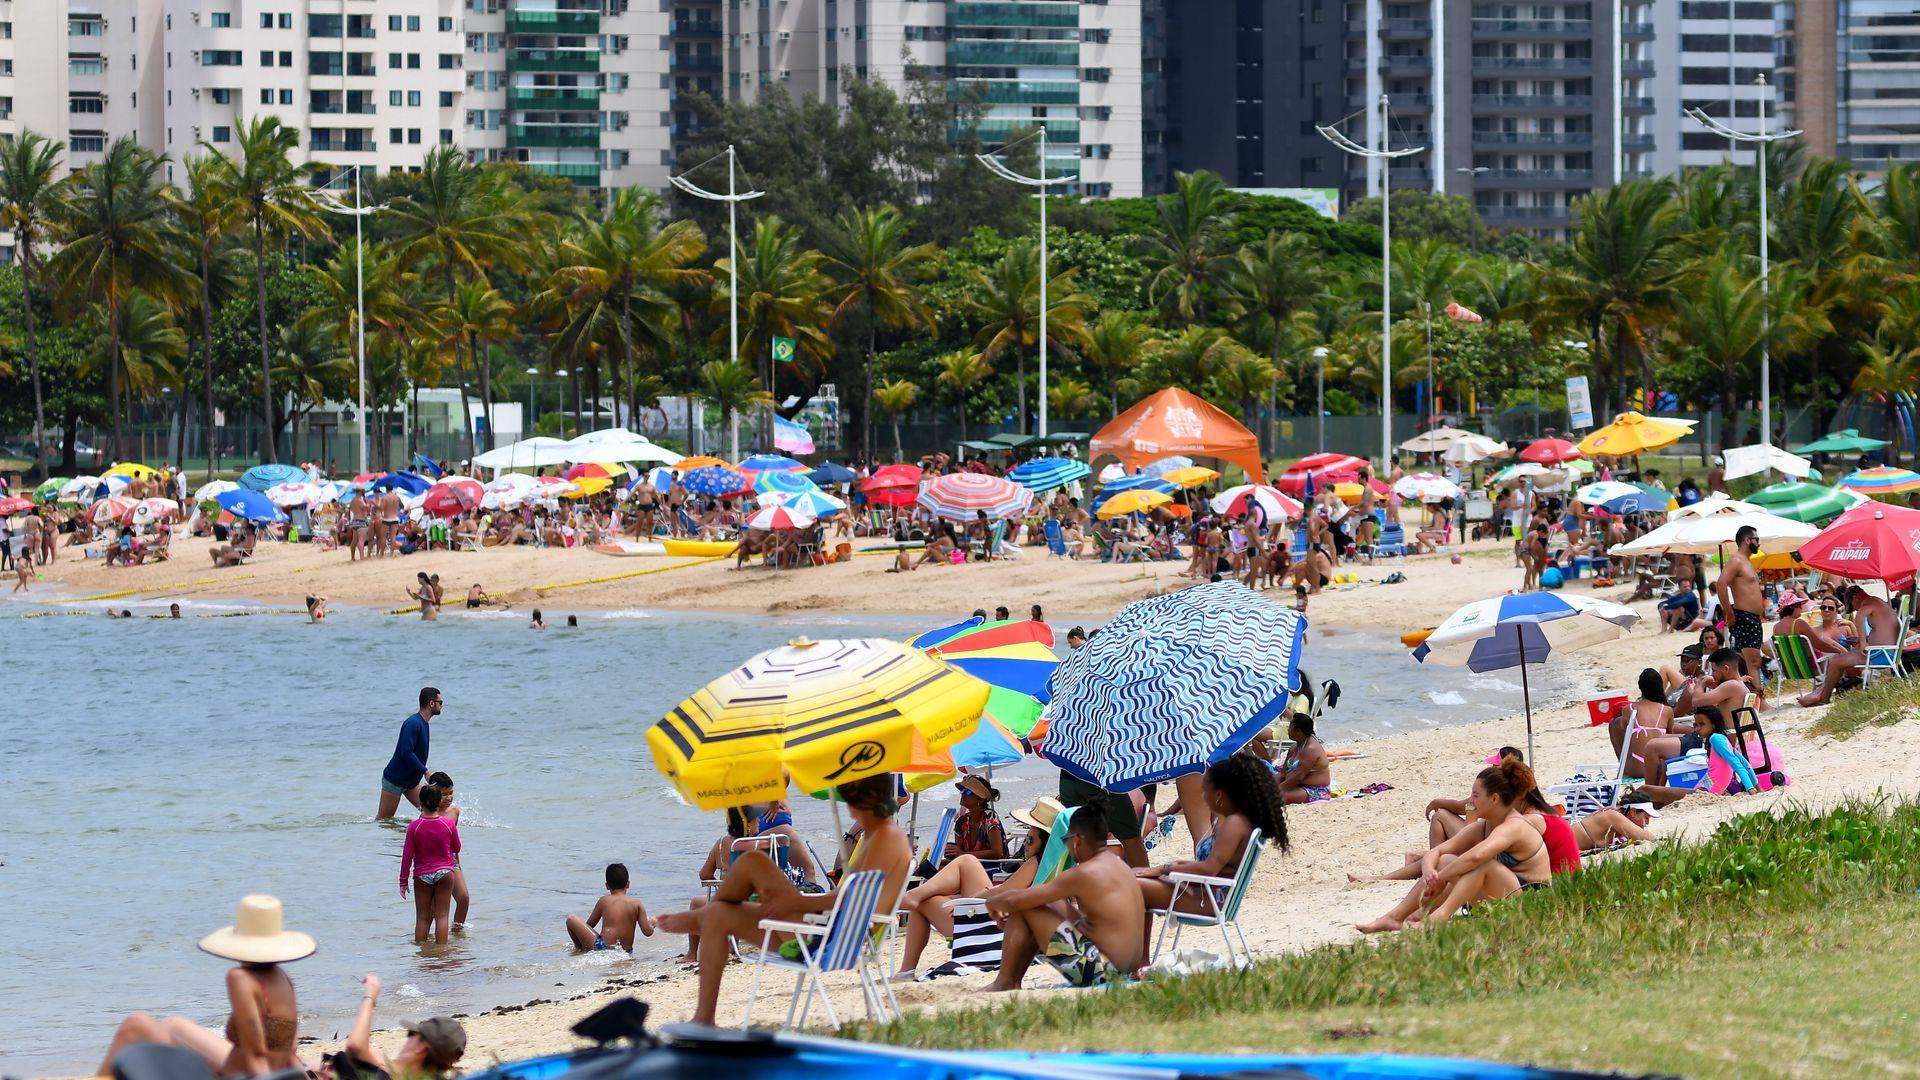 Segunda-feira de carnaval com tempo nublado e praias cheias